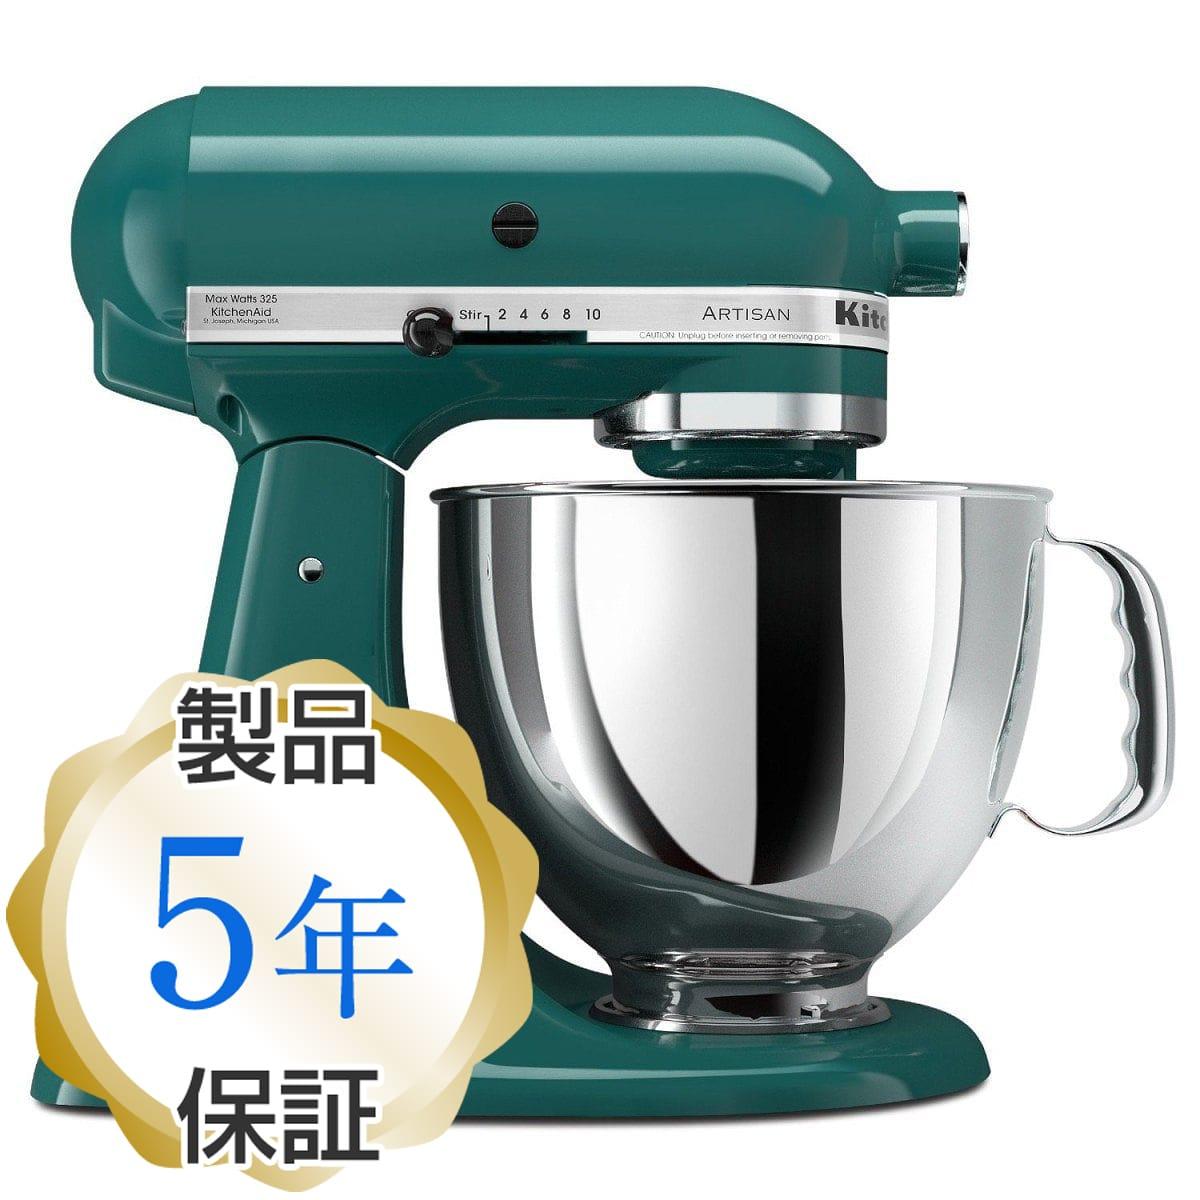 キッチンエイド スタンドミキサー アルチザン 4.8L ベイリーフ グリーン KitchenAid Artisan 5-Quart Stand Mixers KSM150PSBL Bayleaf【日本語説明書付】